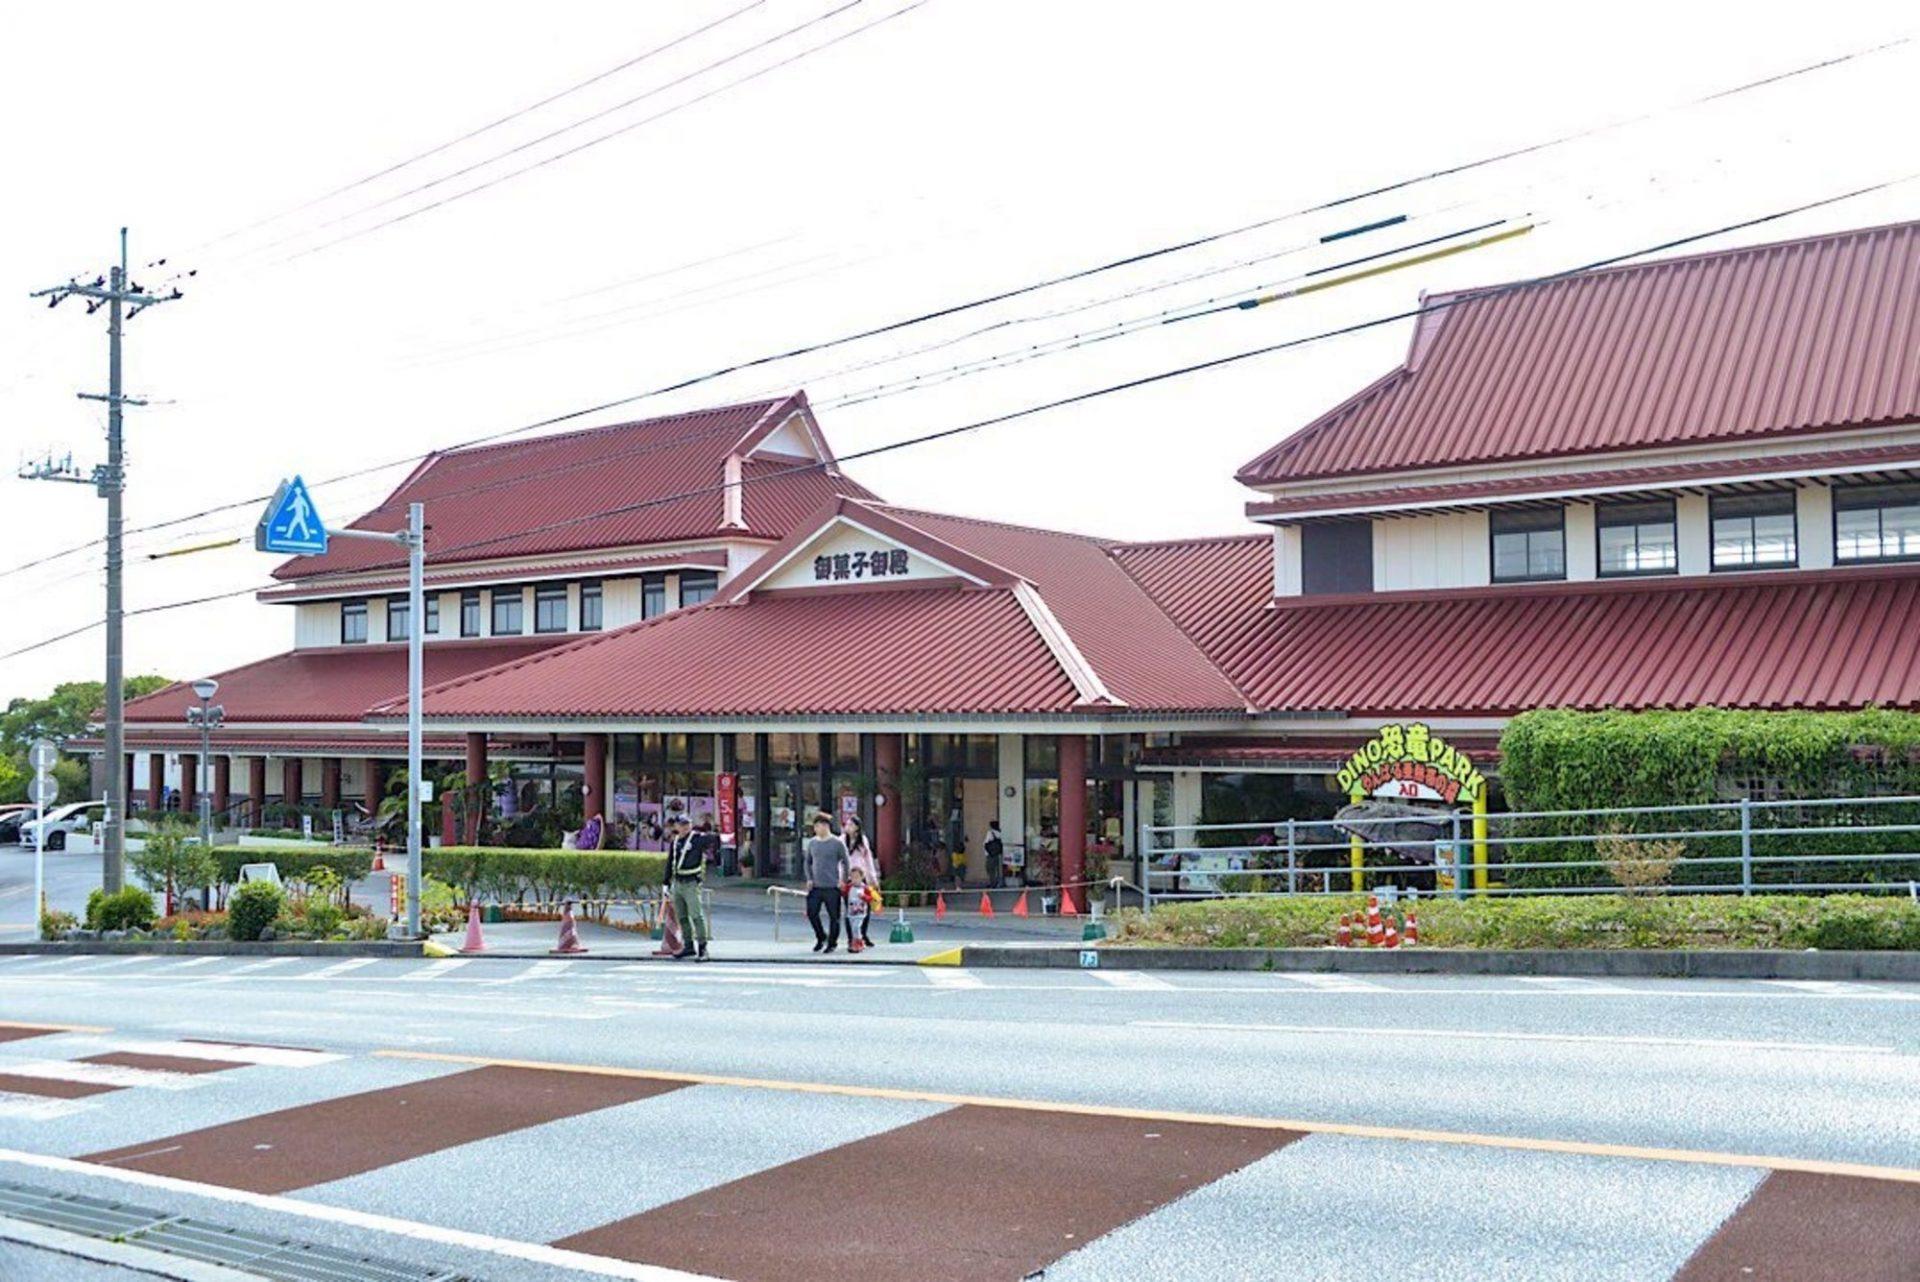 御菓子御殿名護店 沖縄 北部 観光 おすすめ 旅行 スポット 地